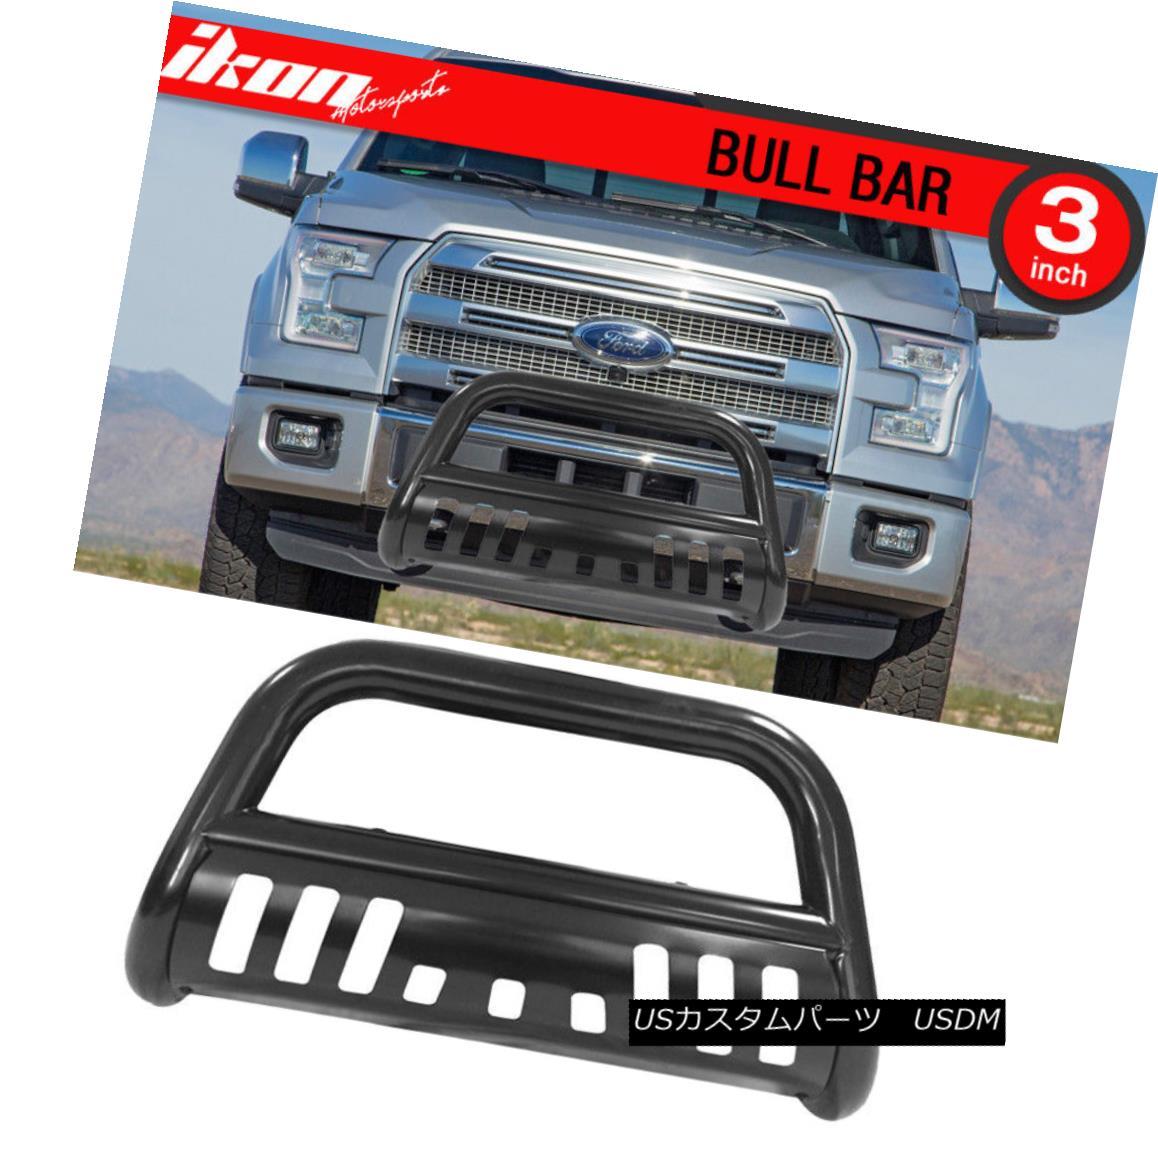 グリル Fits 04-18 Ford F150 Black Bull Bar Brush Push Grill Grille Front Guards フィット04-18フォードF150ブラックブルバーブラシプッシュグリルグリルフロントガード